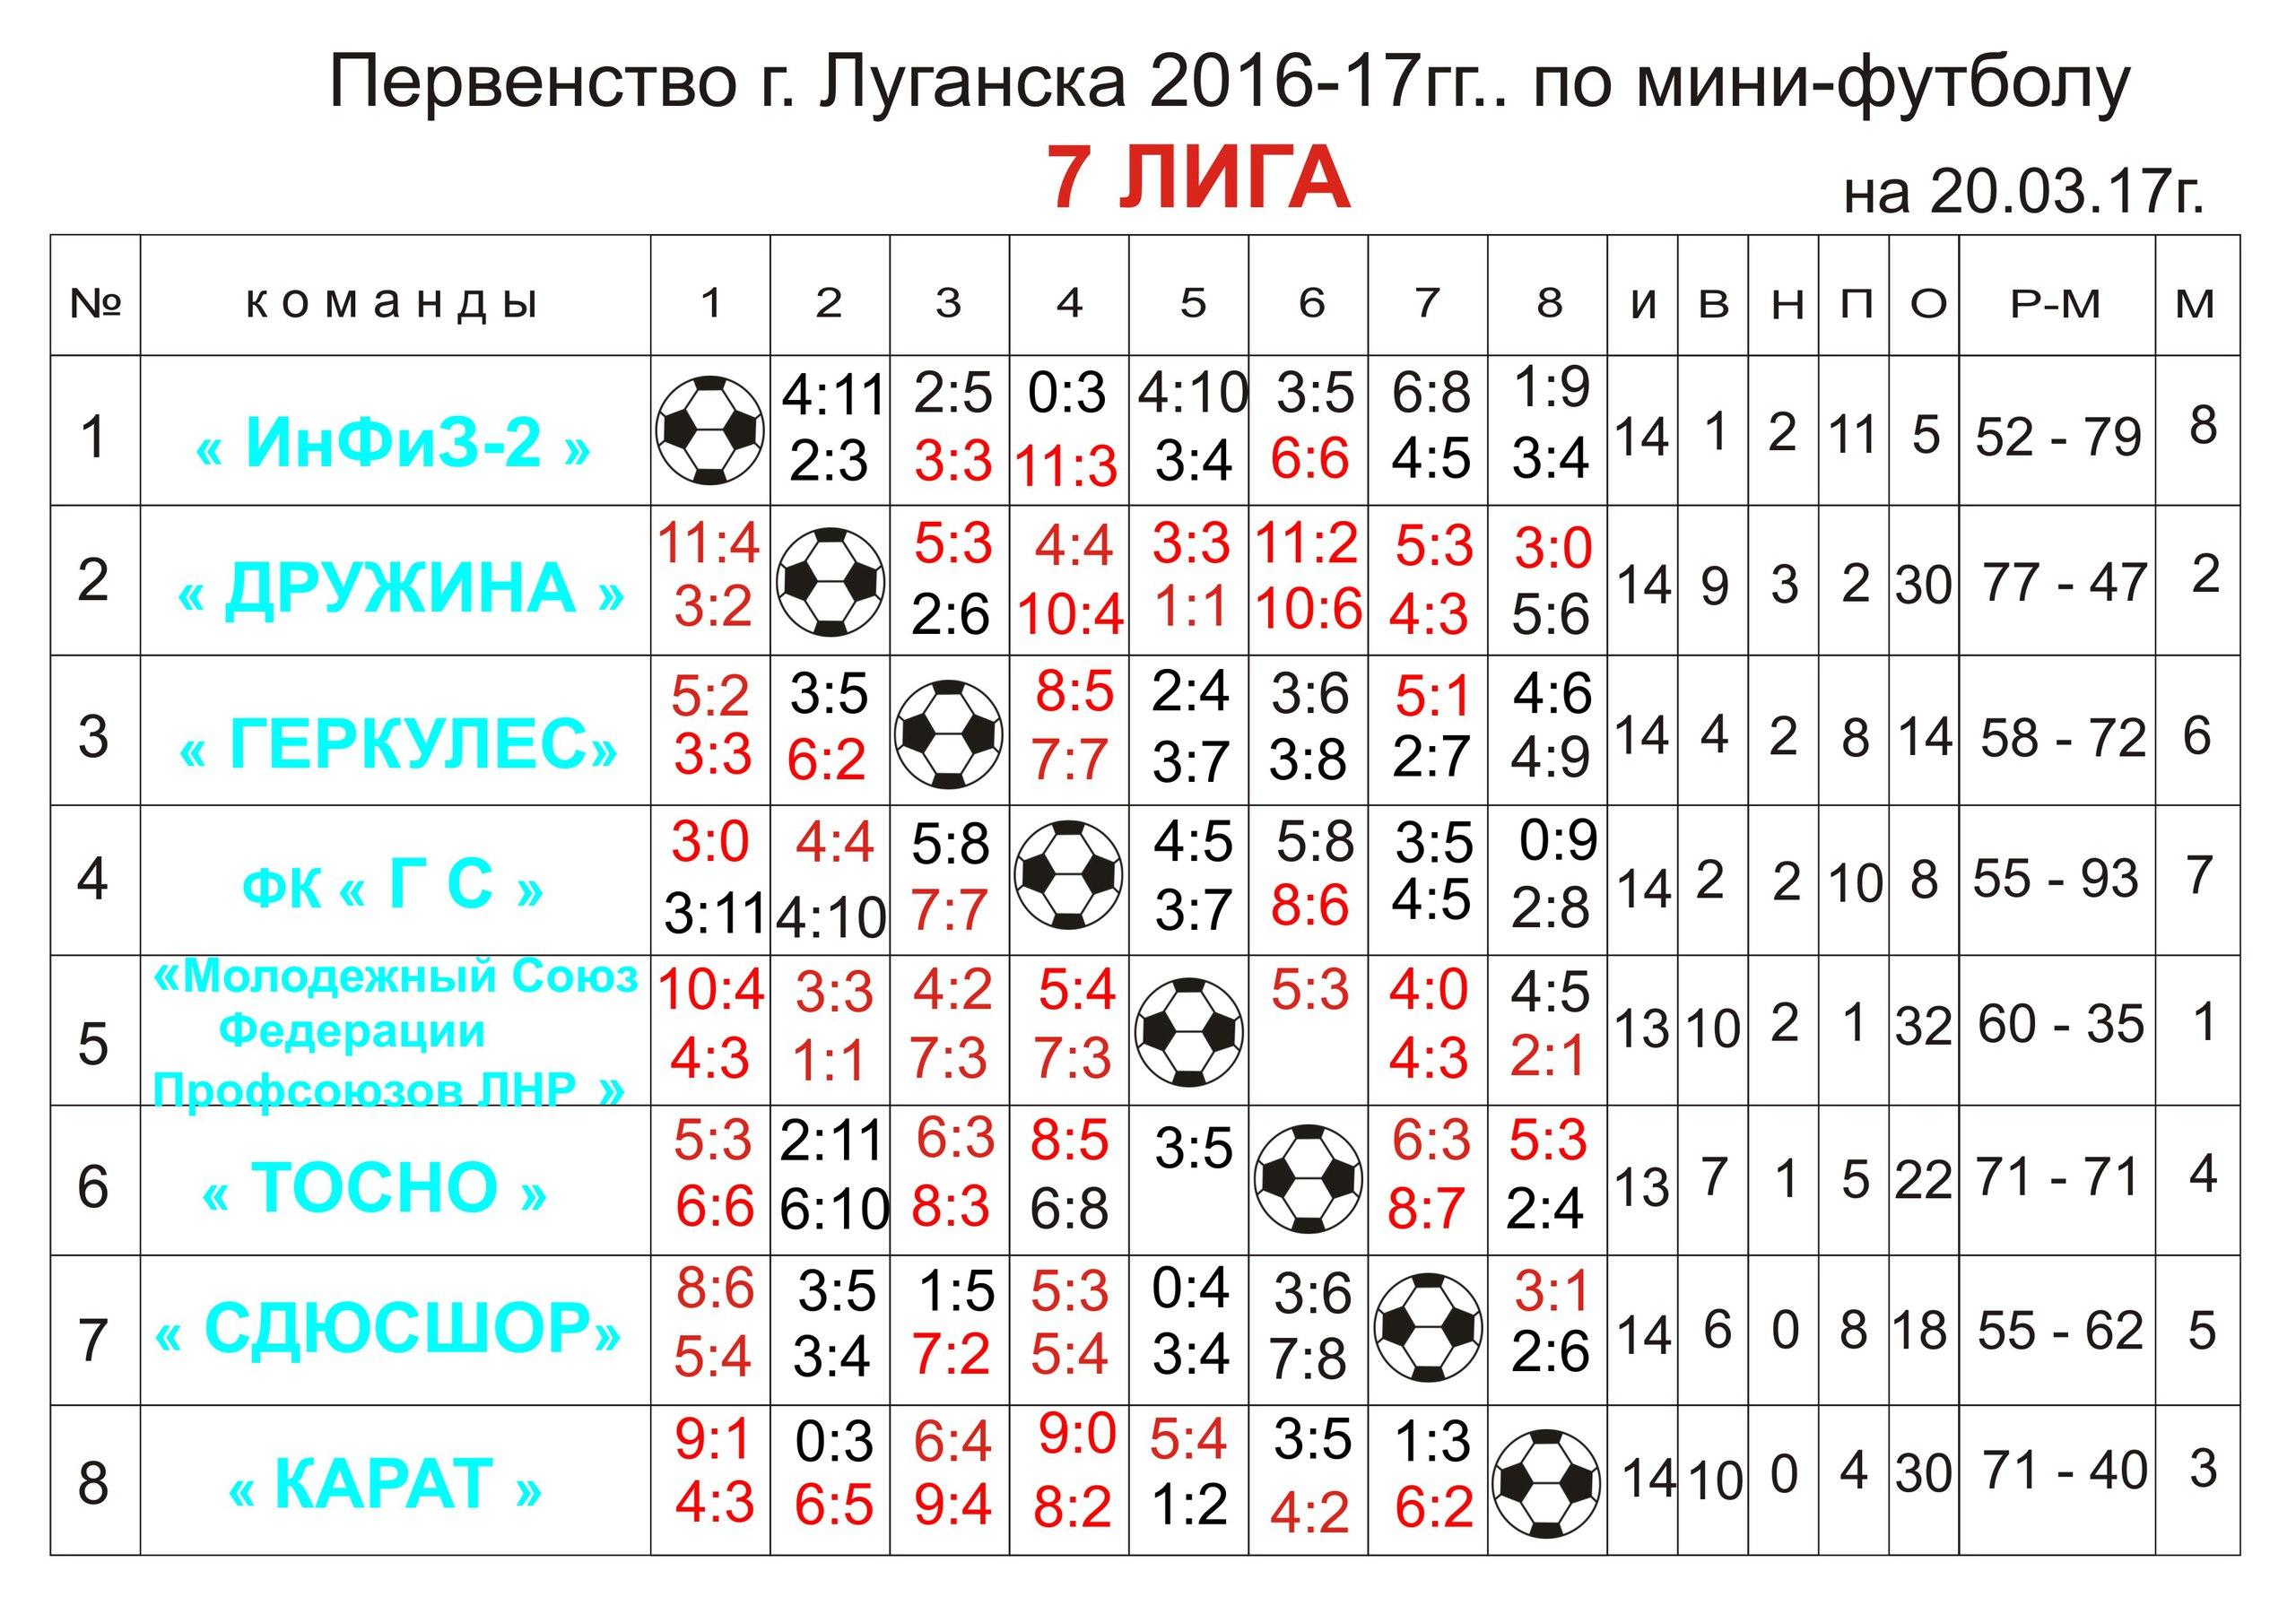 Первенство г.Луганска Седьмая лига